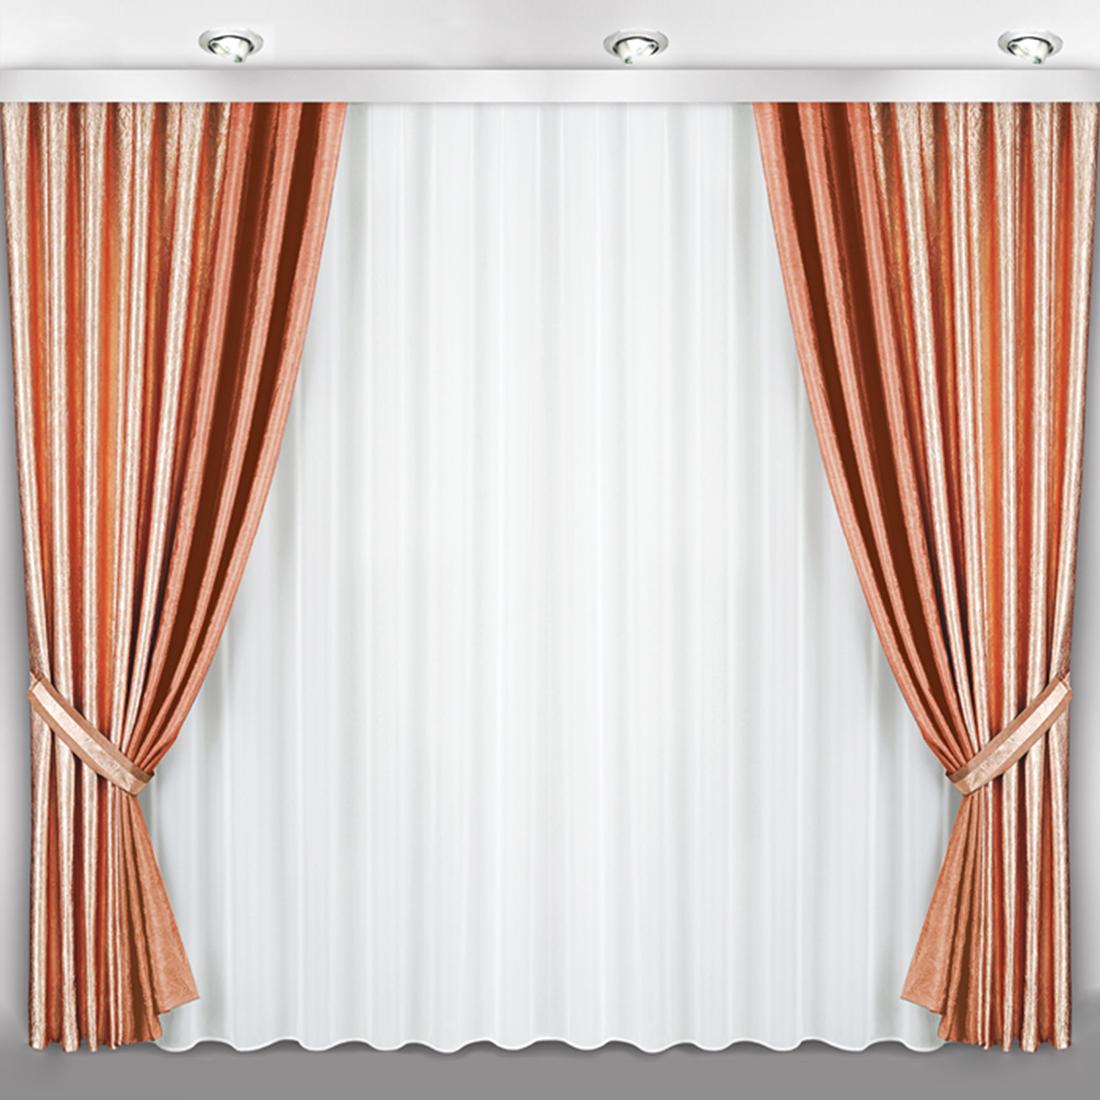 Купить Шторы Велес, Классические шторы Calantha Цвет: Персиковый, Беларусь, Коричневый, Тафта